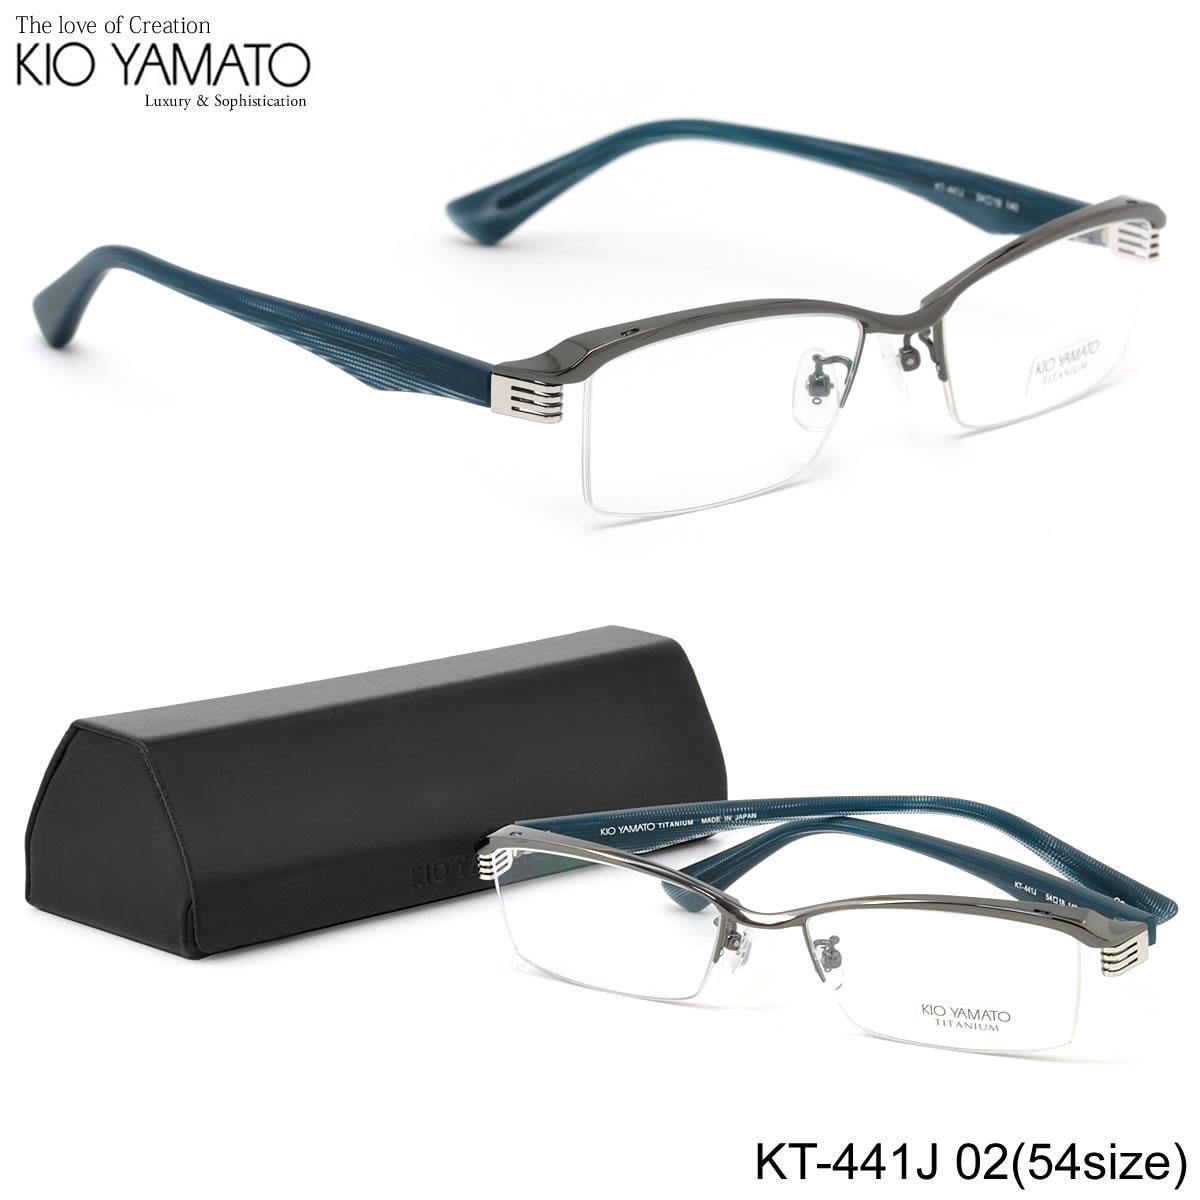 ほぼ全品ポイント15倍~最大43倍+3倍!お得なクーポンも! 【KIO YAMATO】(キオヤマト) メガネ フレーム KT-441J 02 54サイズ エアログライダー スクエア チタン 日本製 眼鏡 キオヤマト KIO YAMATO メンズ レディース